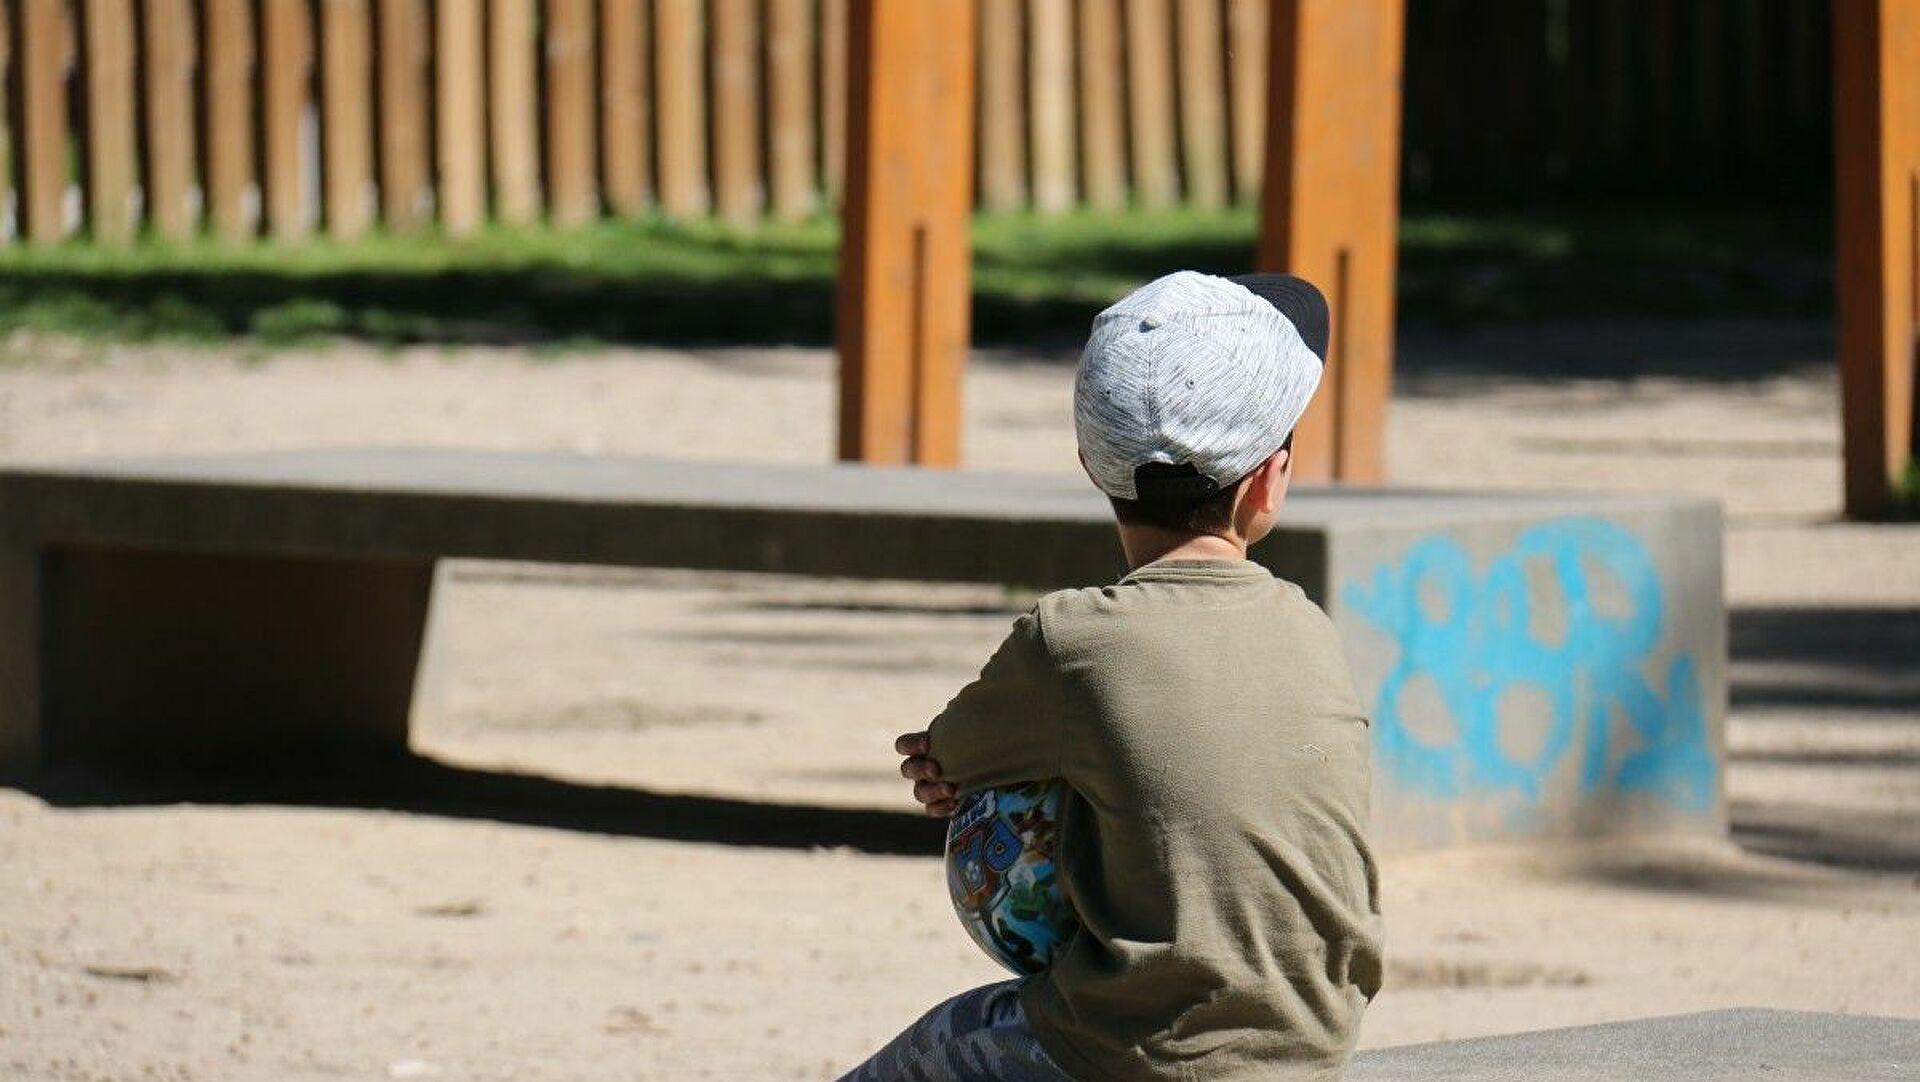 В Ташкенте женщина осталась на улице с 7-летним ребенком